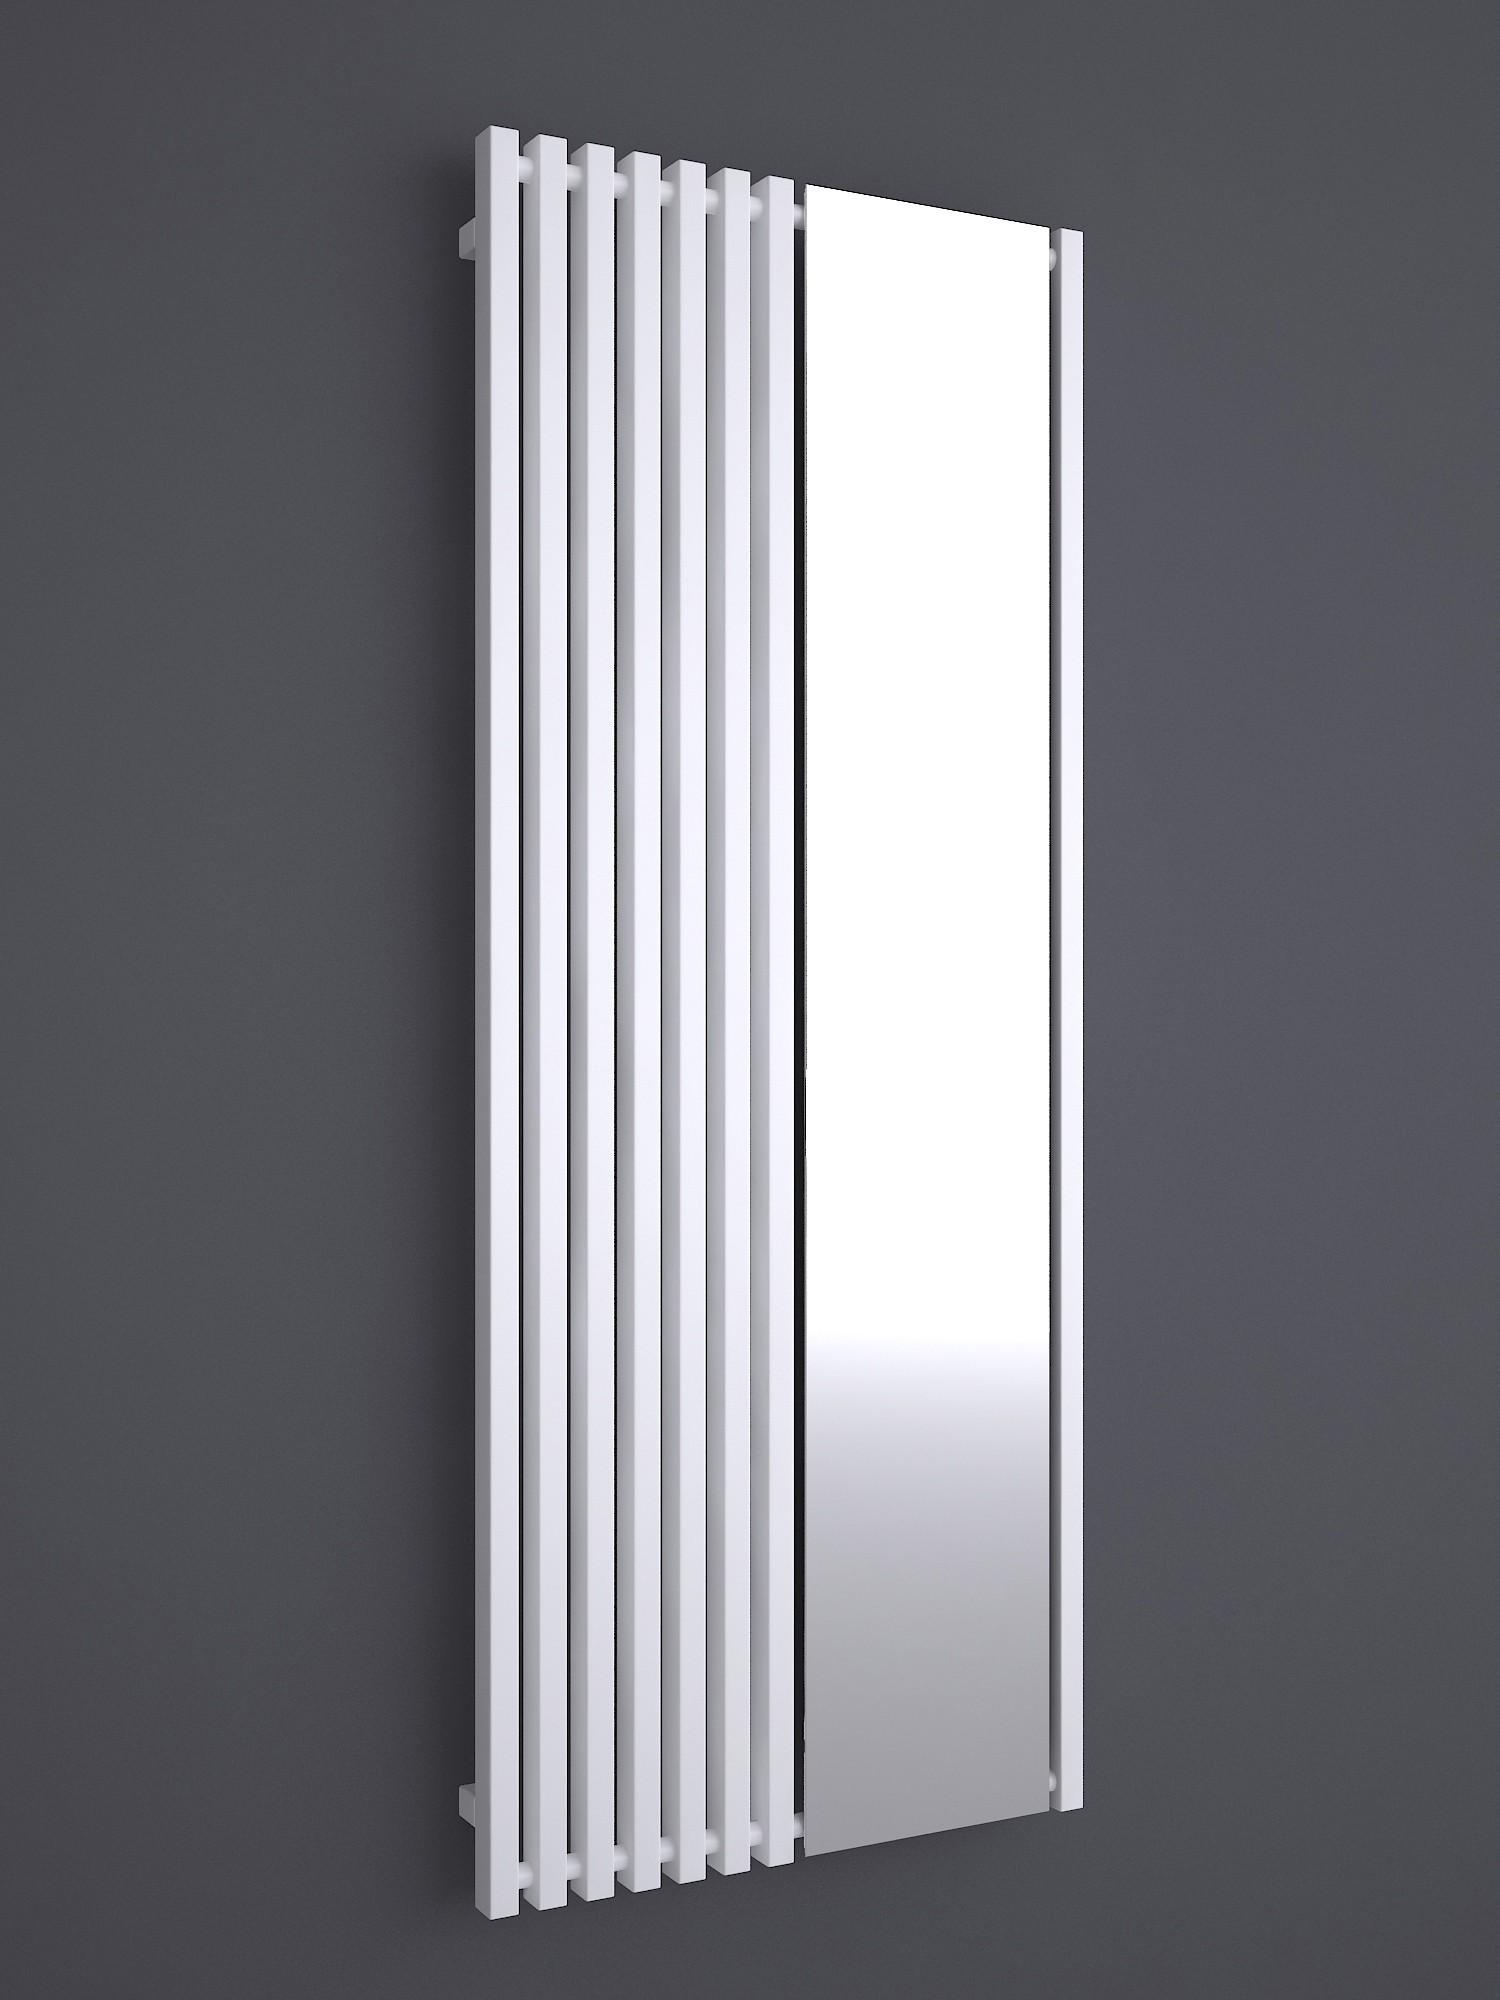 Radiateur triga miroir chauffage central - Radiateur eau chaude decoratif ...